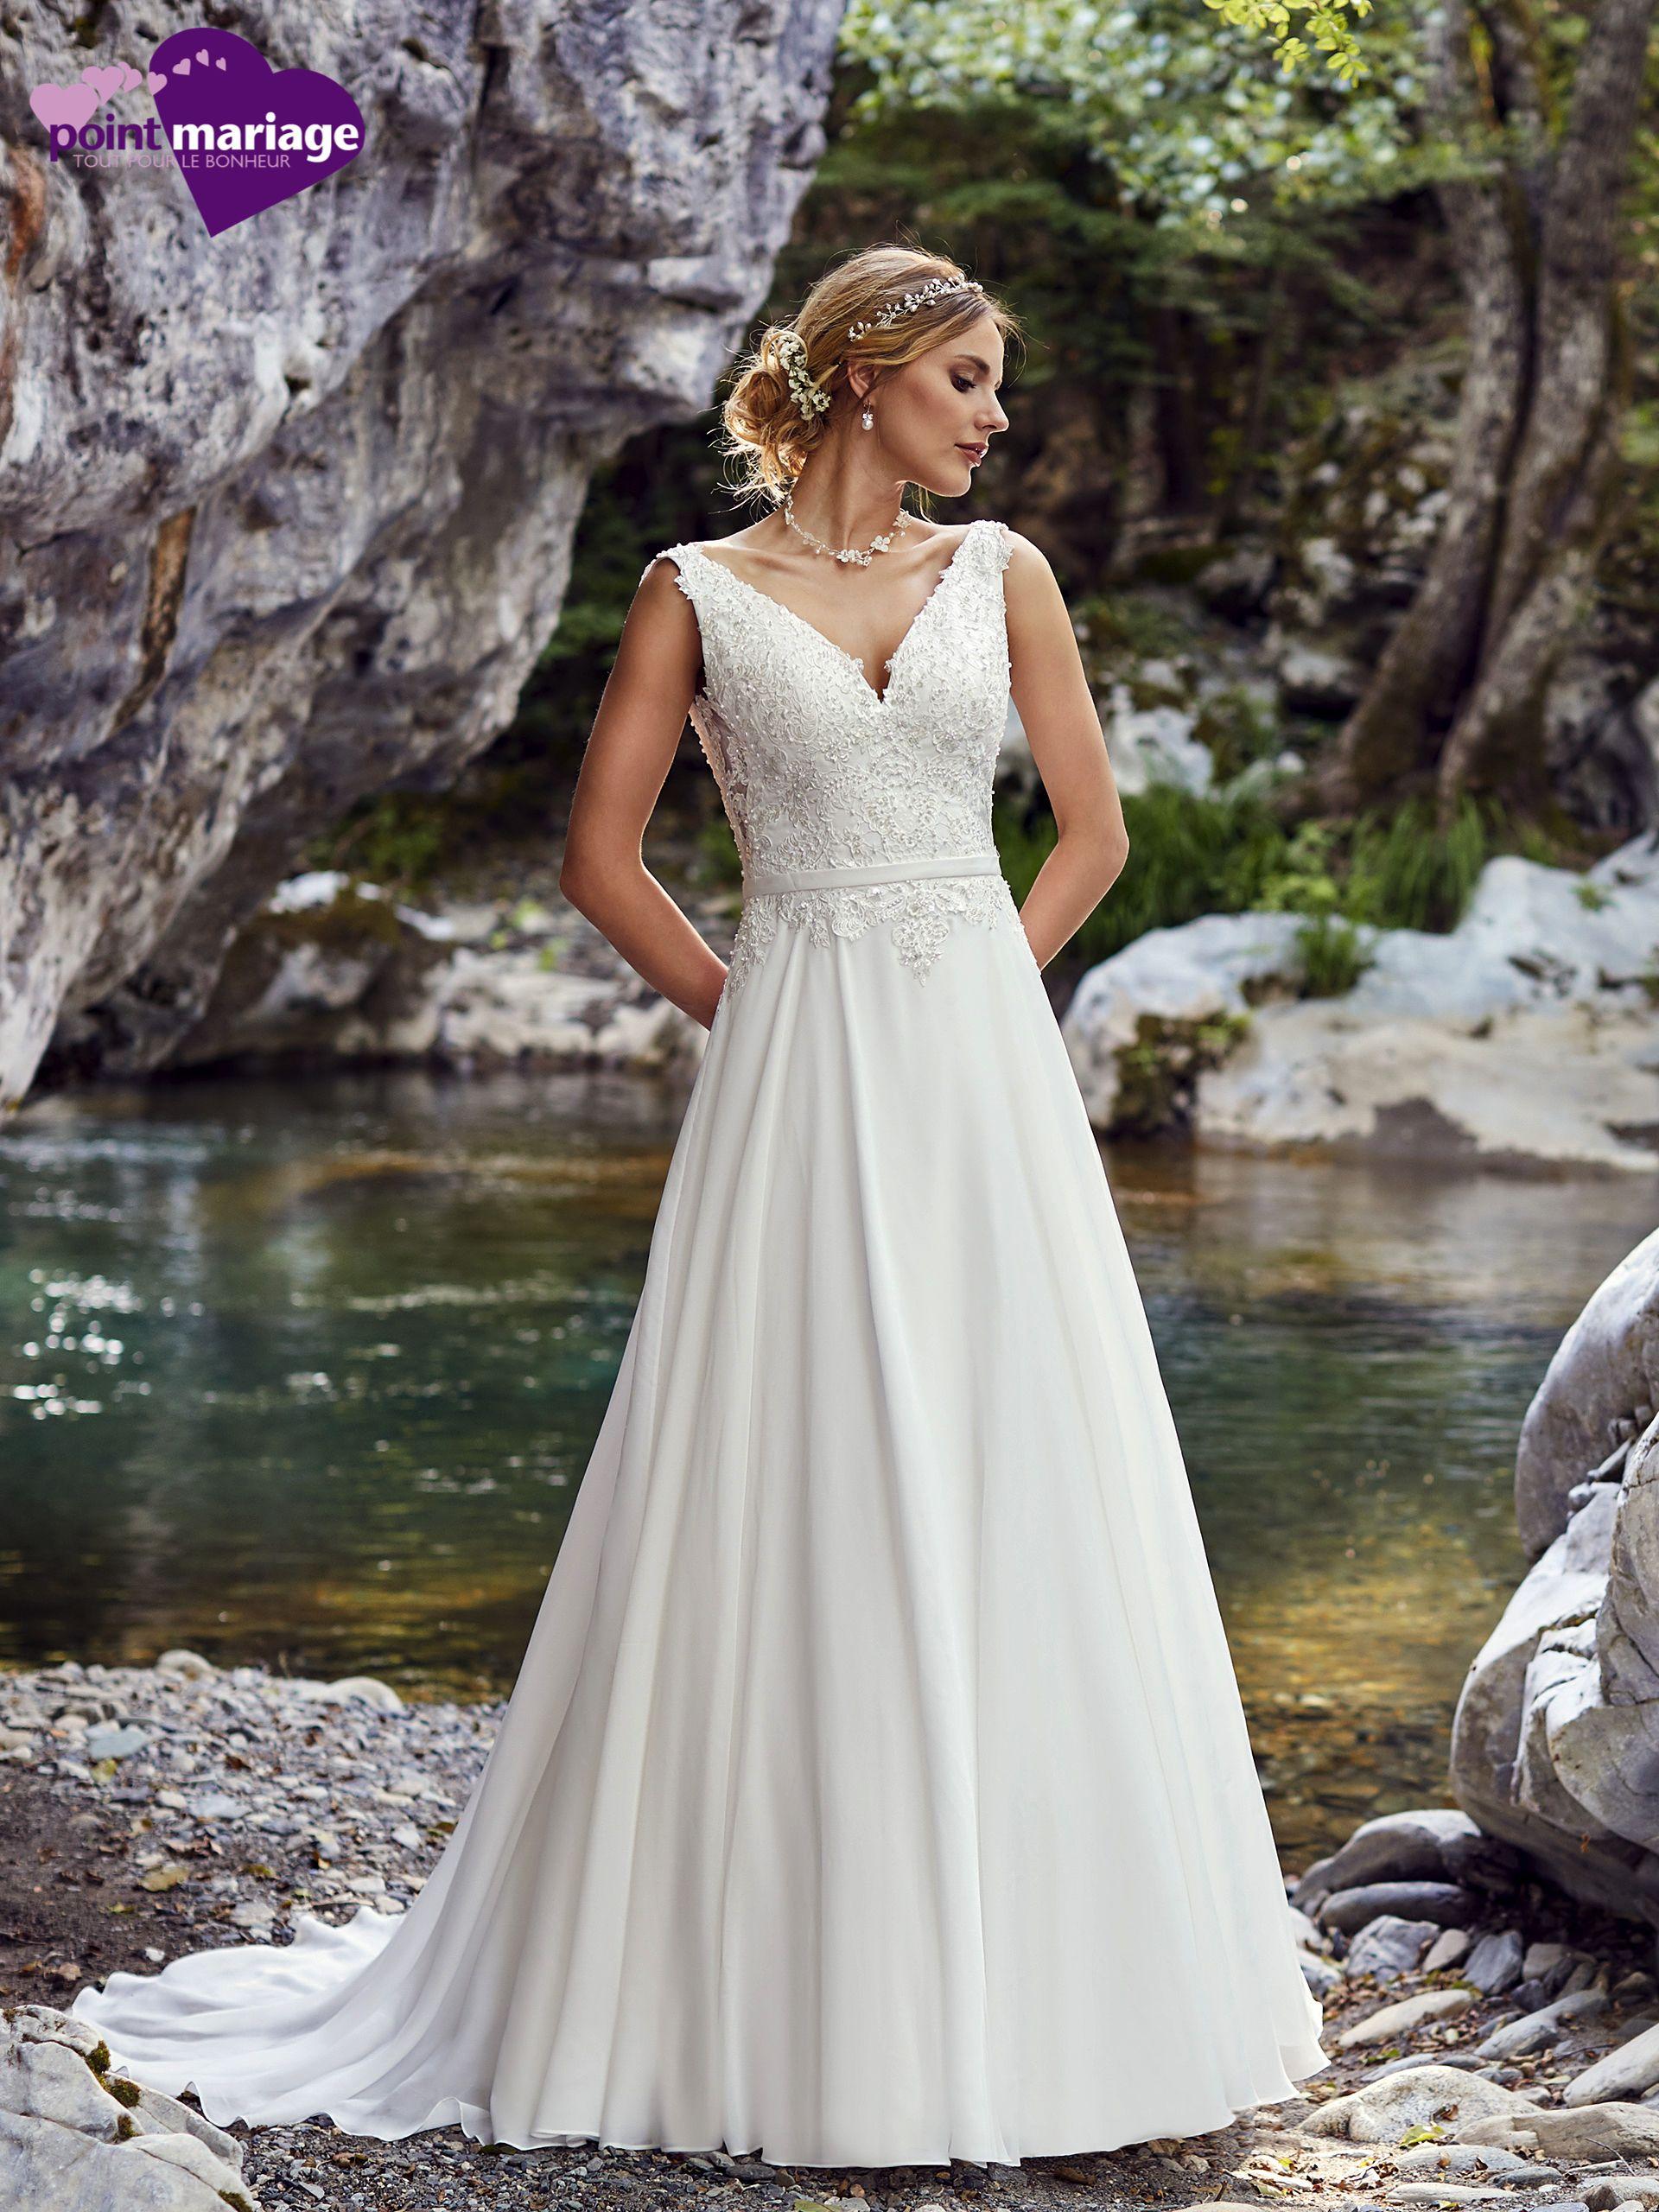 Robe de mariée Palerme, robe de mariée fluide